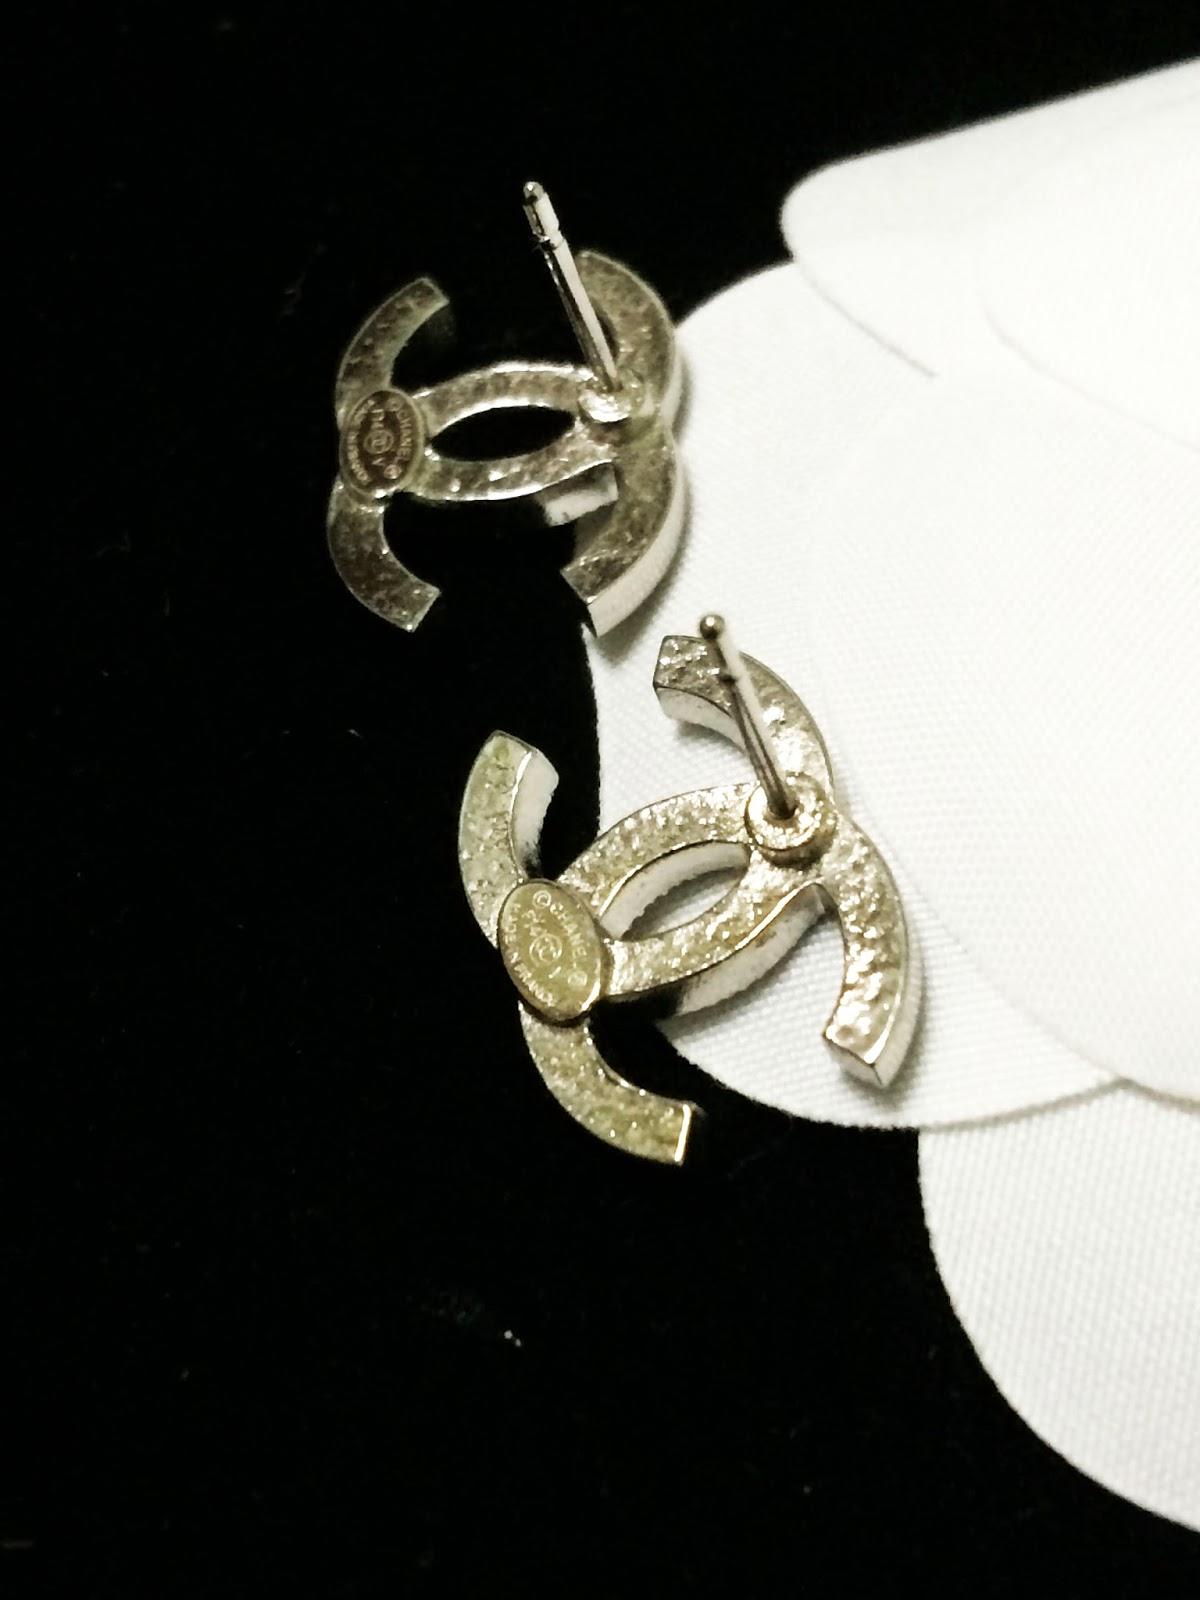 Chanel Logo Pierced Earrings Back Pierced Chanel Fashion ...